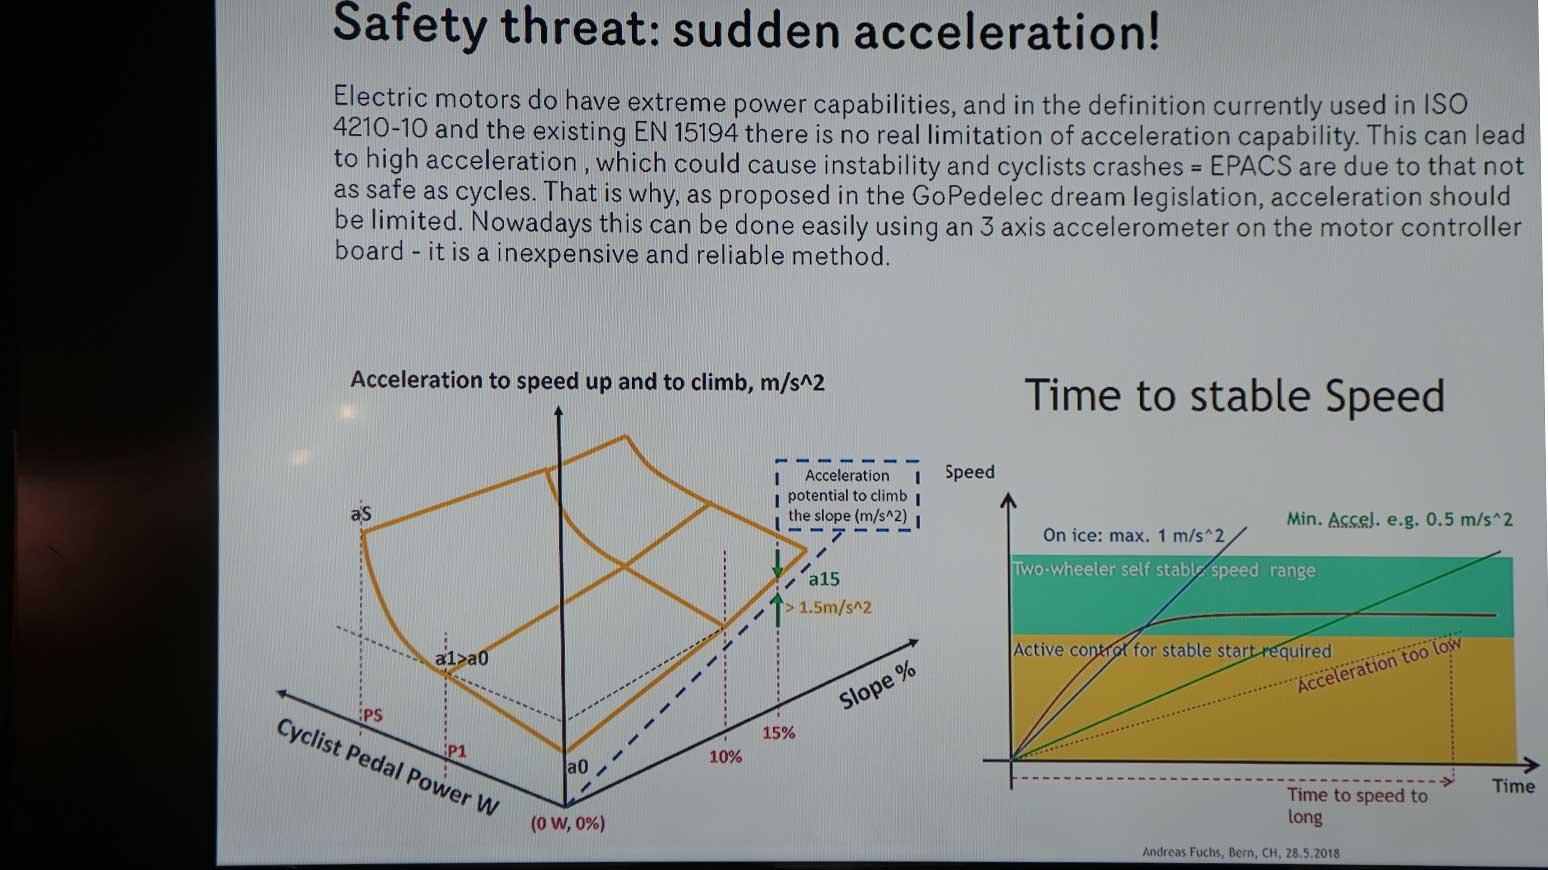 Die neue Beschleunigungsformel soll Pedelecs noch sicherer als Fahrräder machen ... dann bräuchte es keine Versicherung.